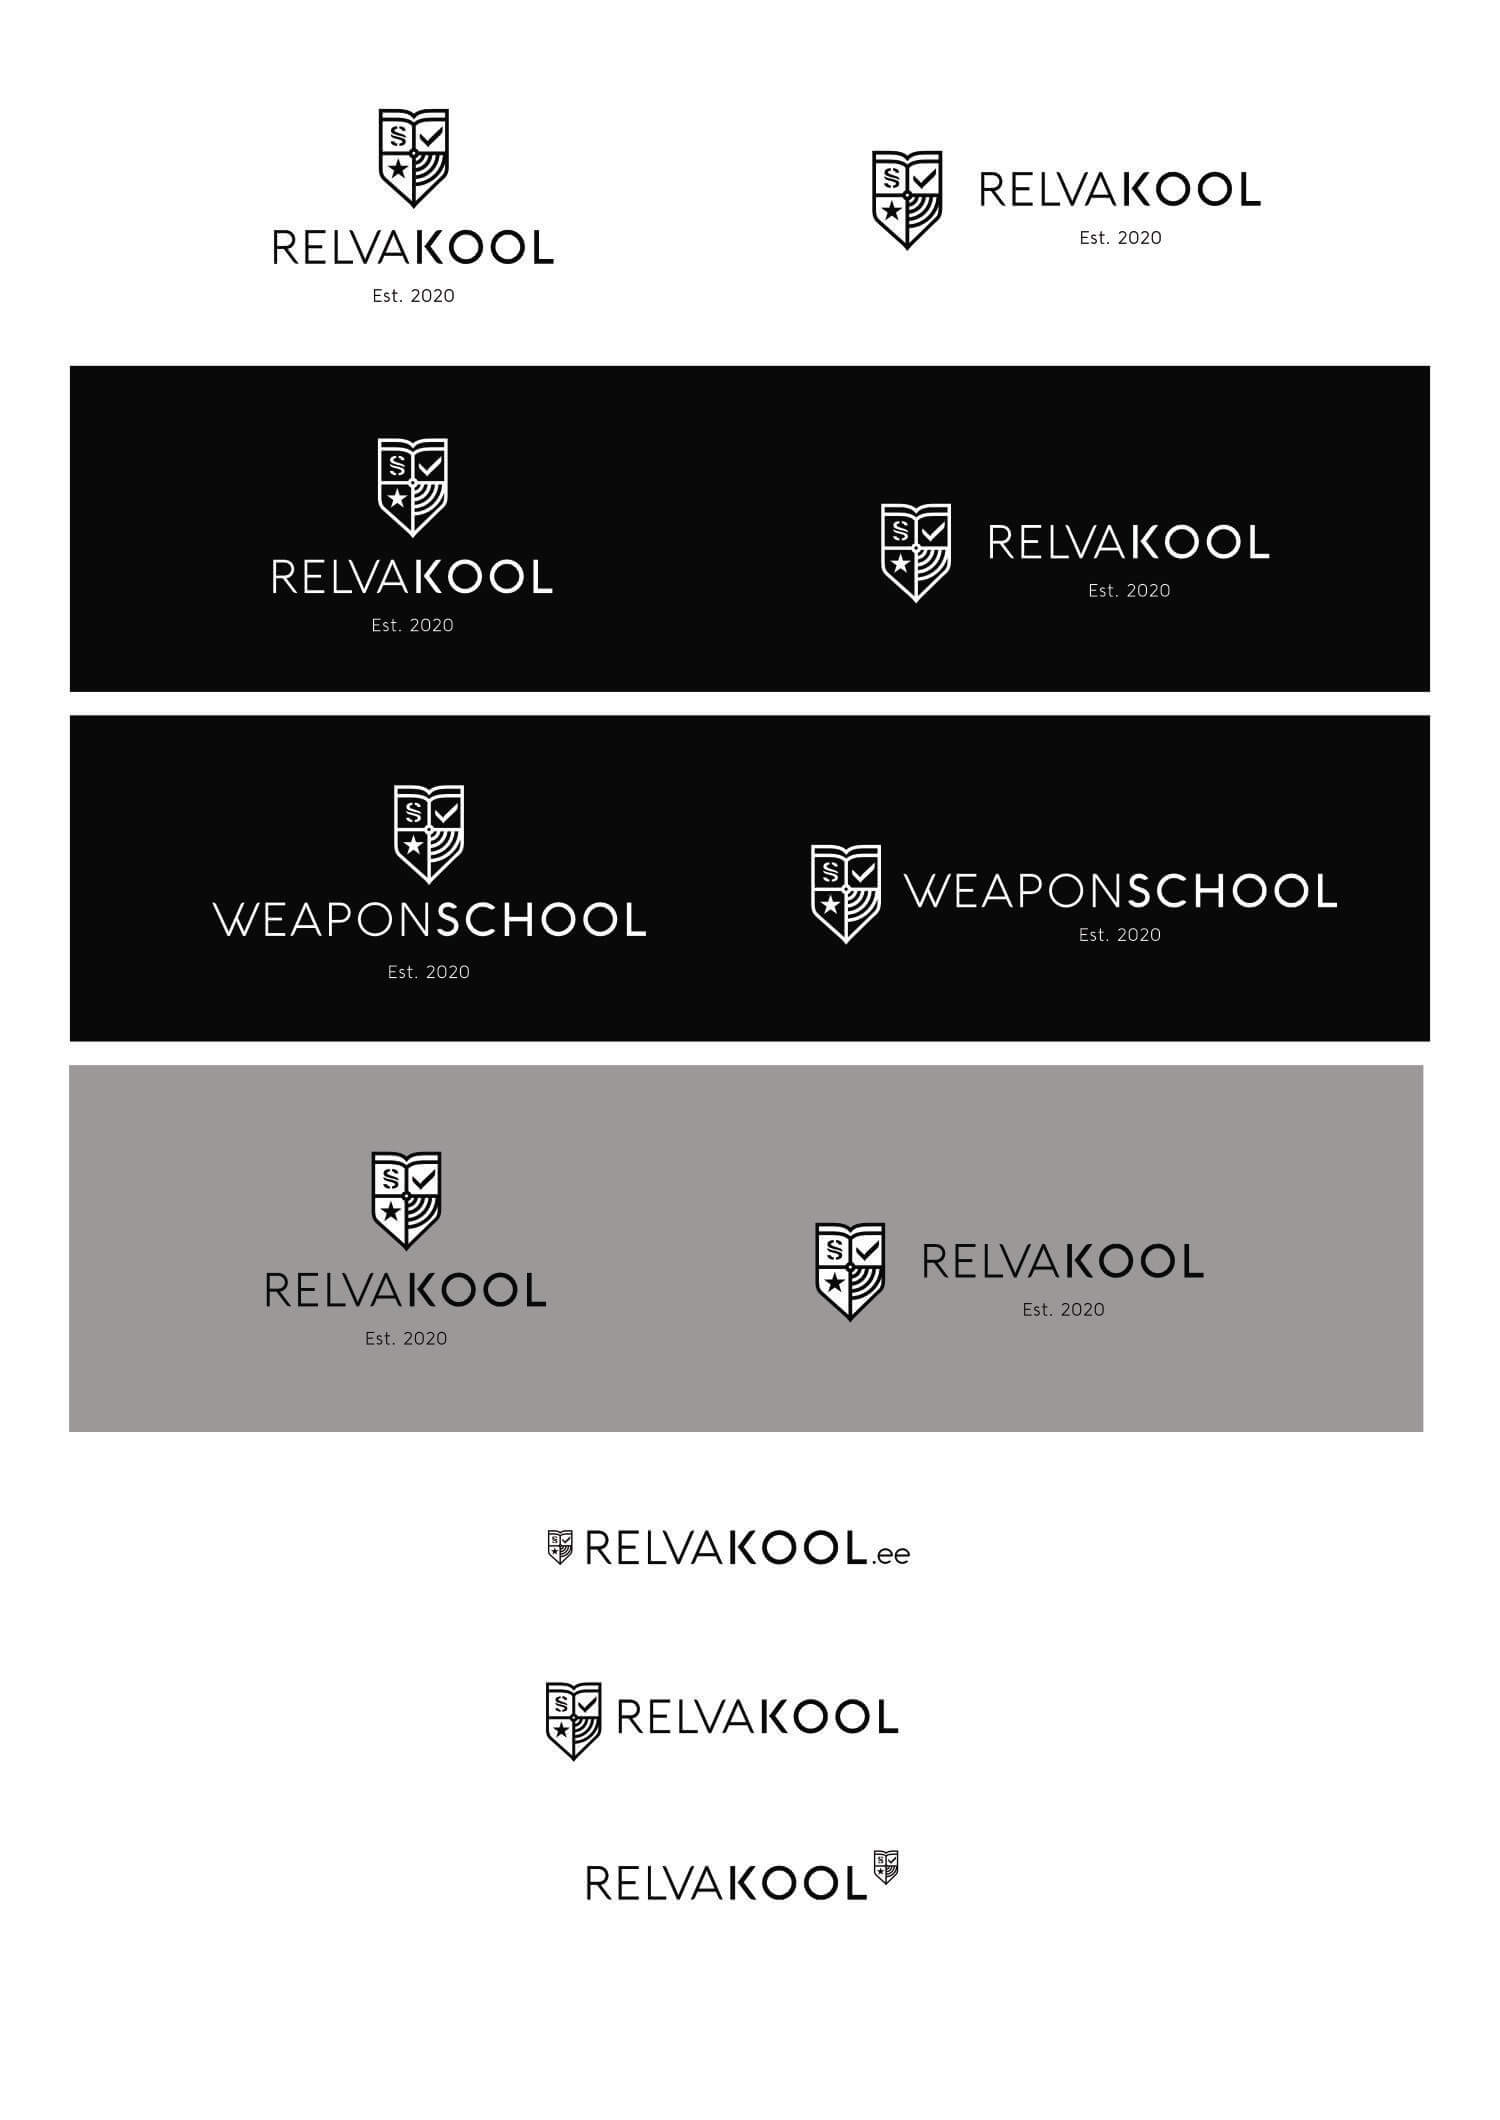 Relvakool branding big